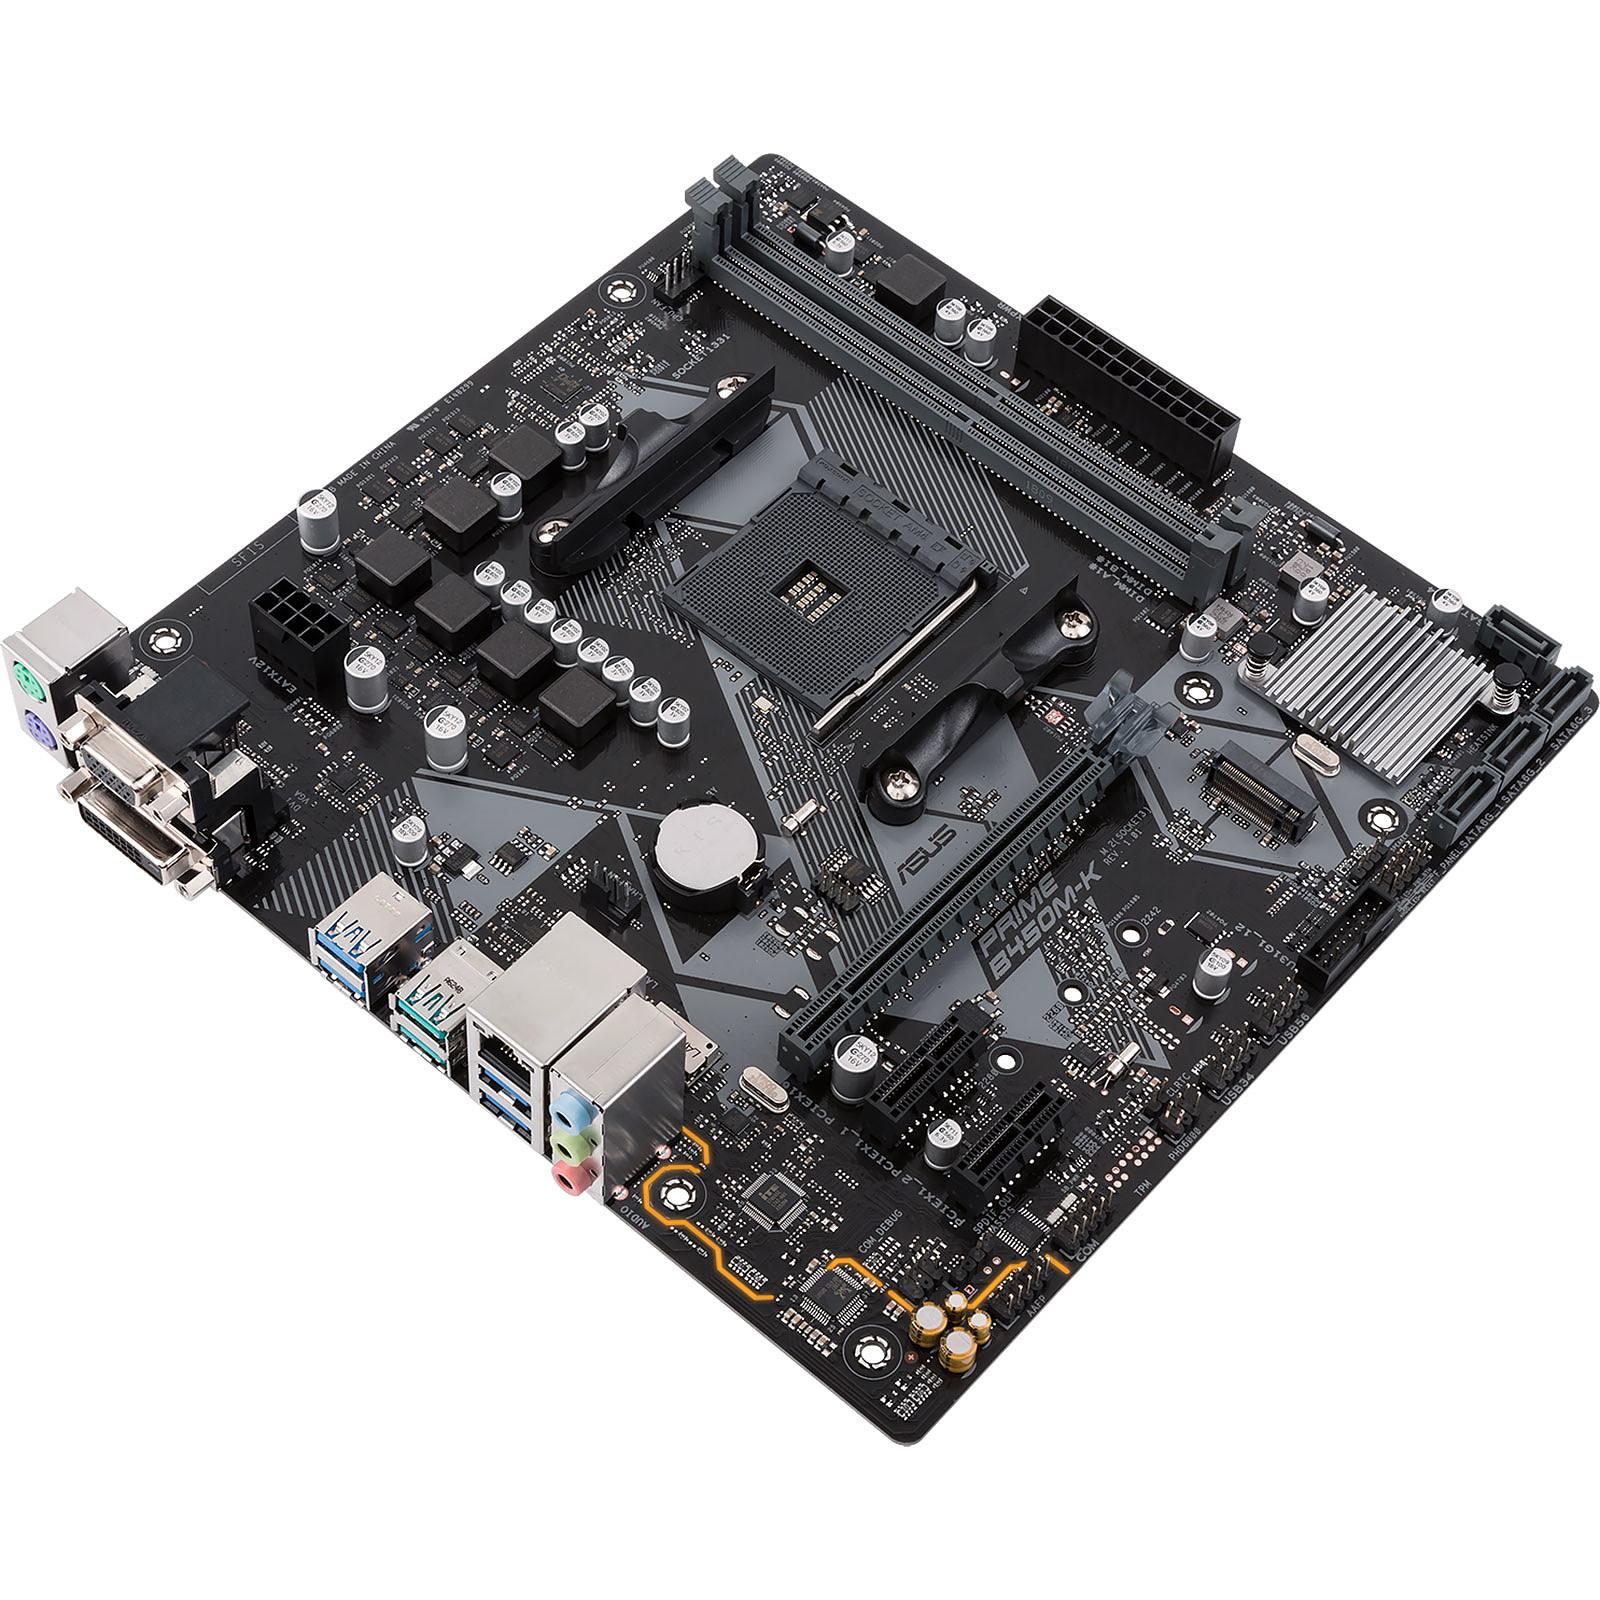 Carte mère ASUS PRIME B450M-K Socket AM4 (AMD B450) mATX, informatique ile de la Réunion 974